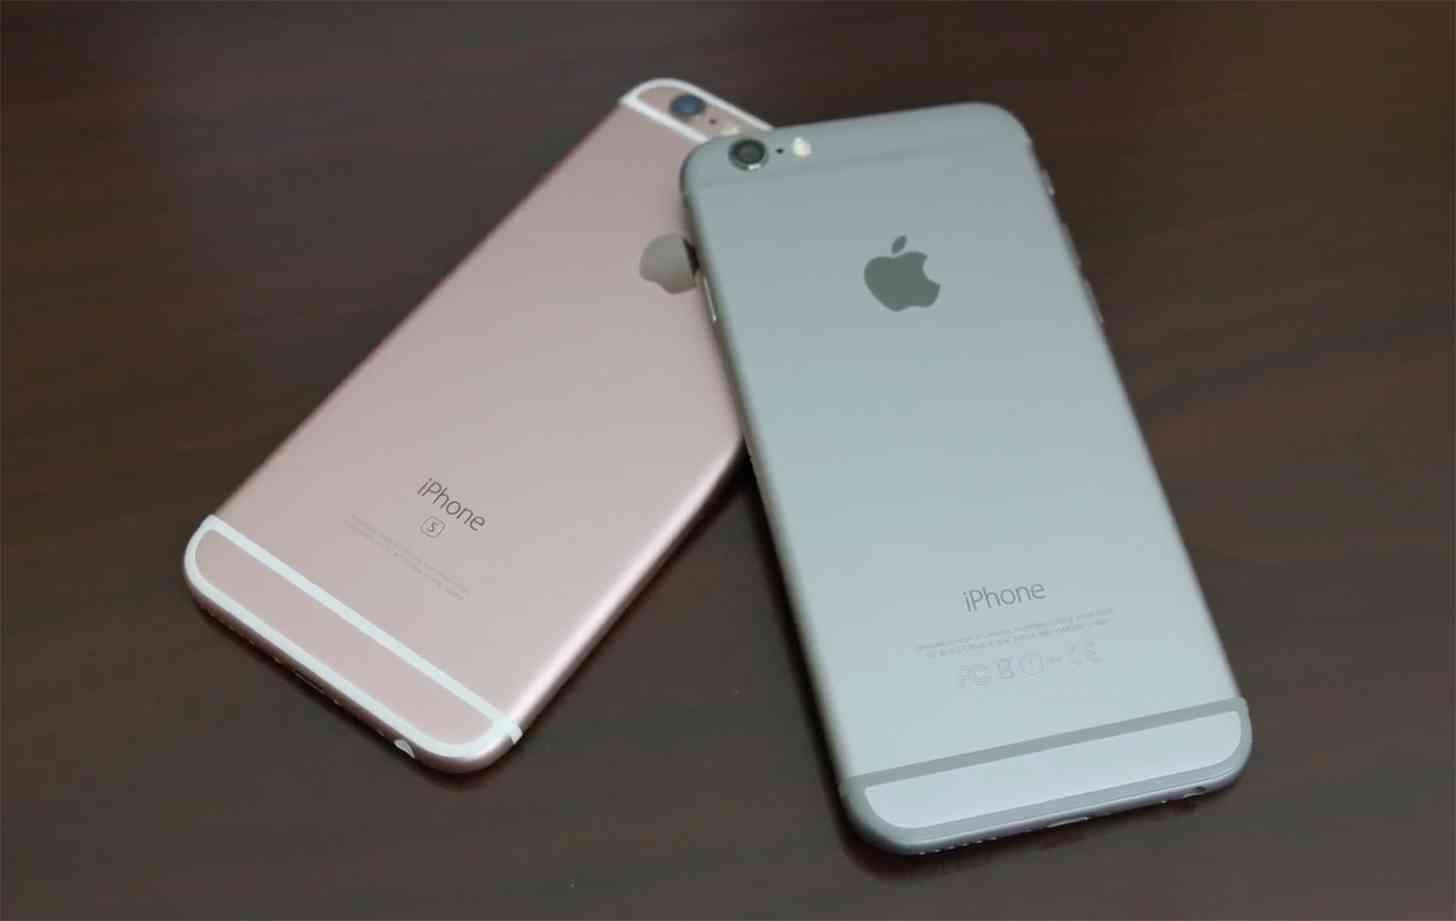 iPhone 6, iPhone 6s comparison